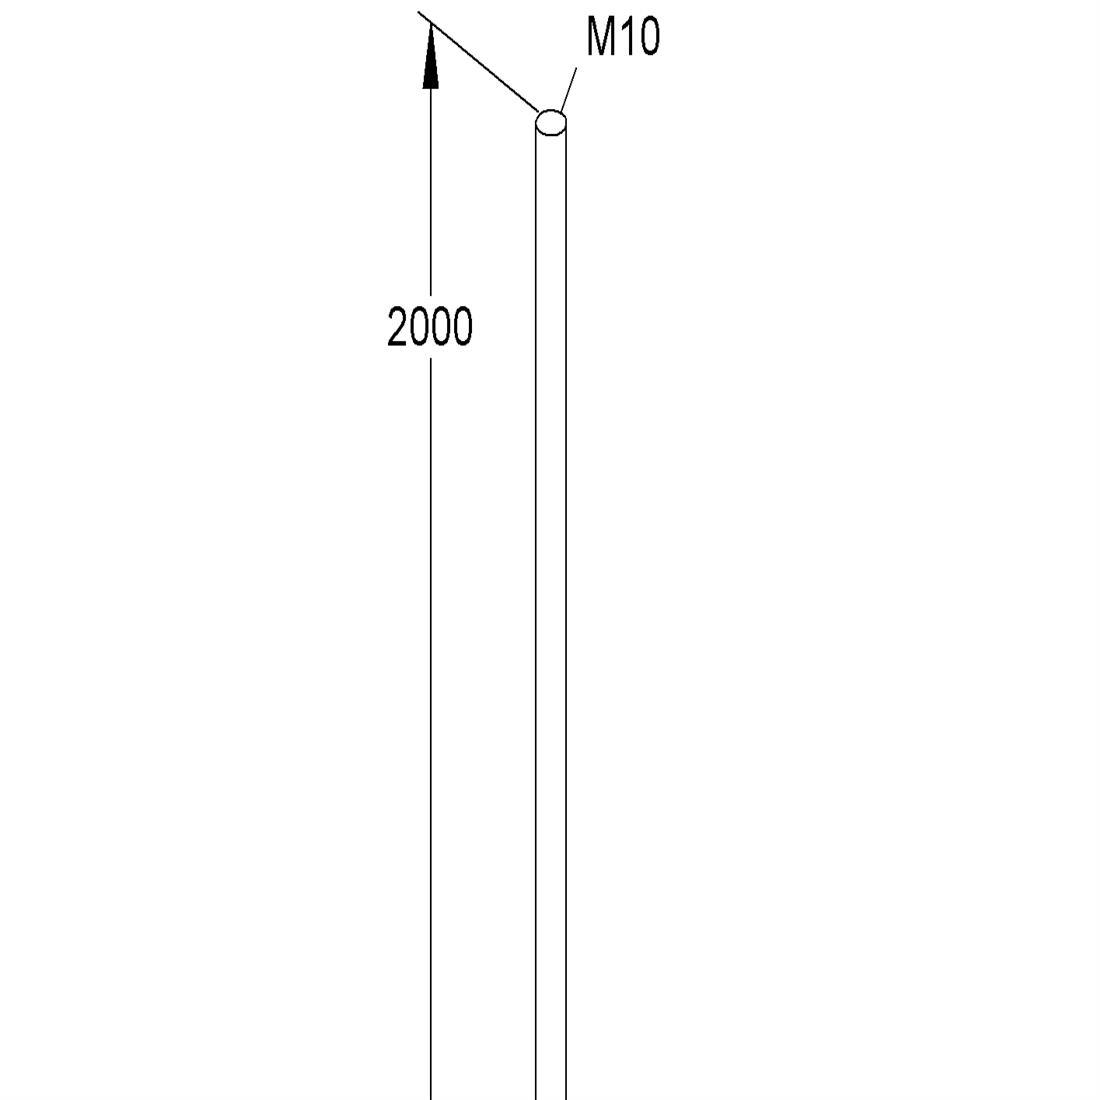 Niedax Kleinhuis draadstang M10/2000 met moeren per 25 stuks